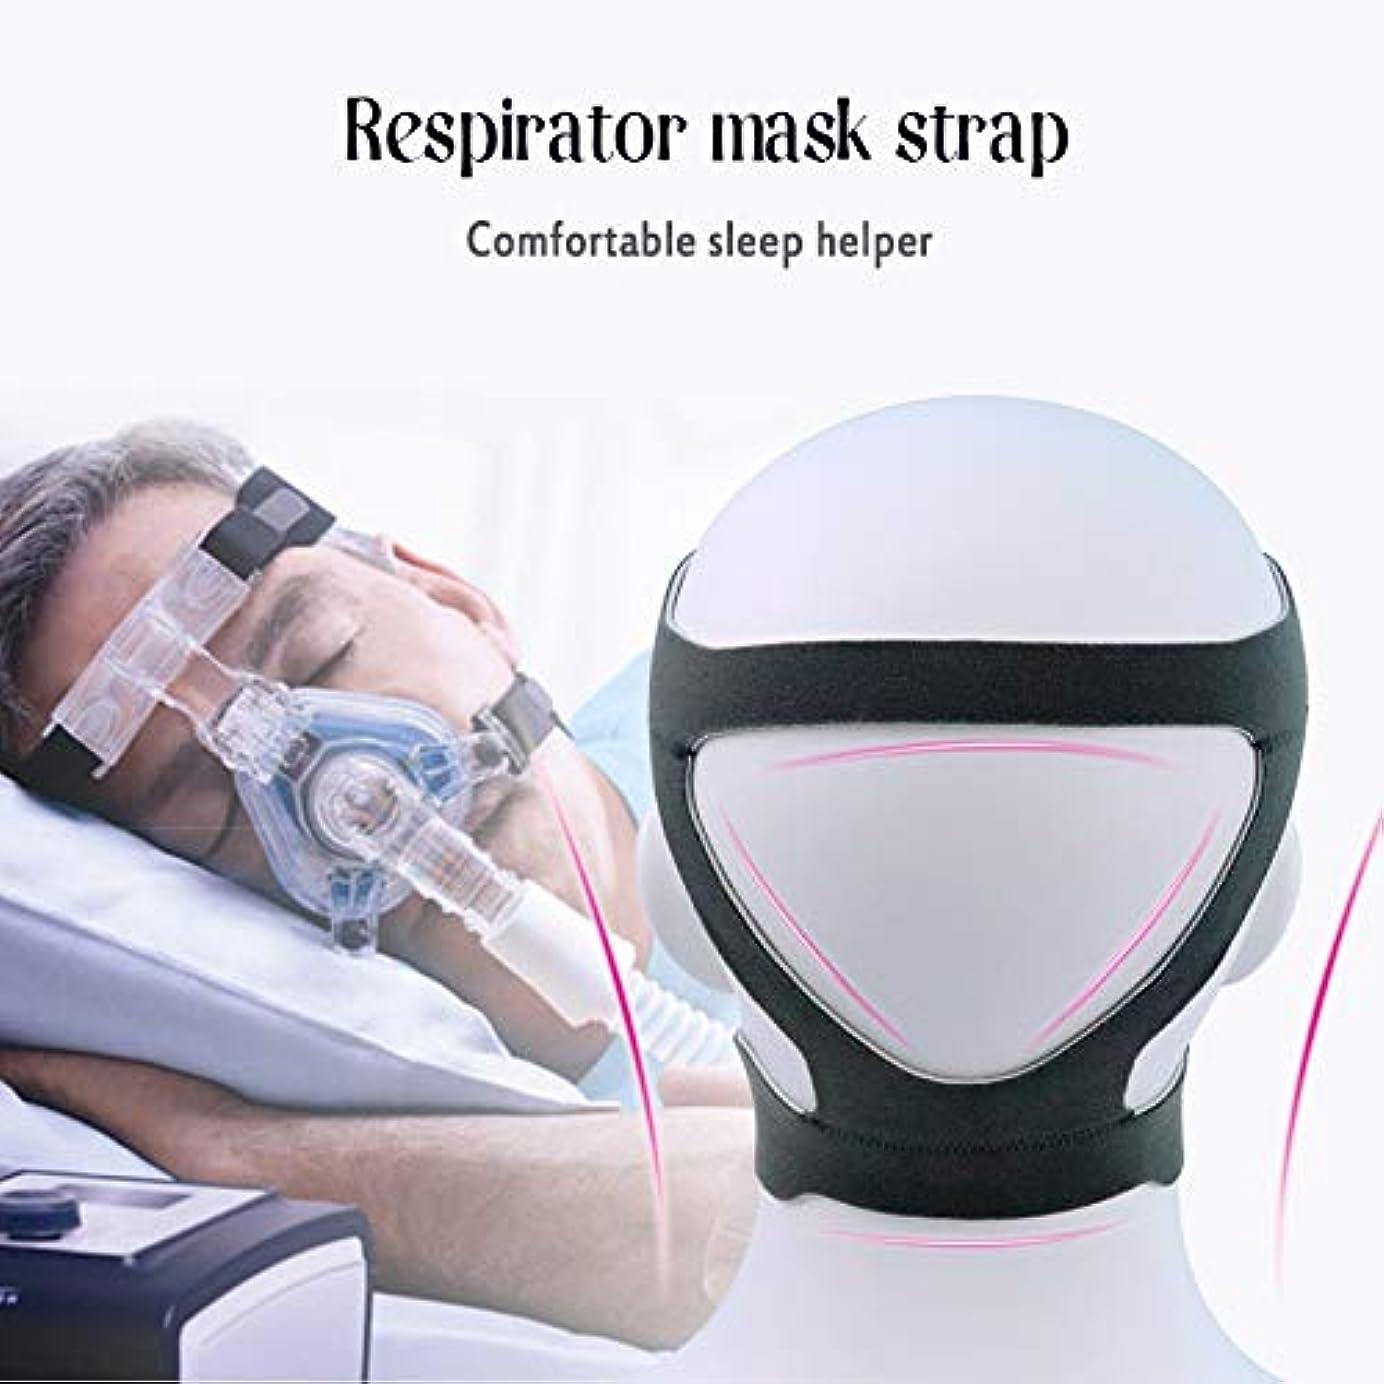 写真を撮る富豪することになっている注CPAPマスク専用ヘッドギア弾性繊維いびき防止ヘッドバンドユニバーサル鼻マスクヘッドベルトフェイスマスクストラップ(医療用)